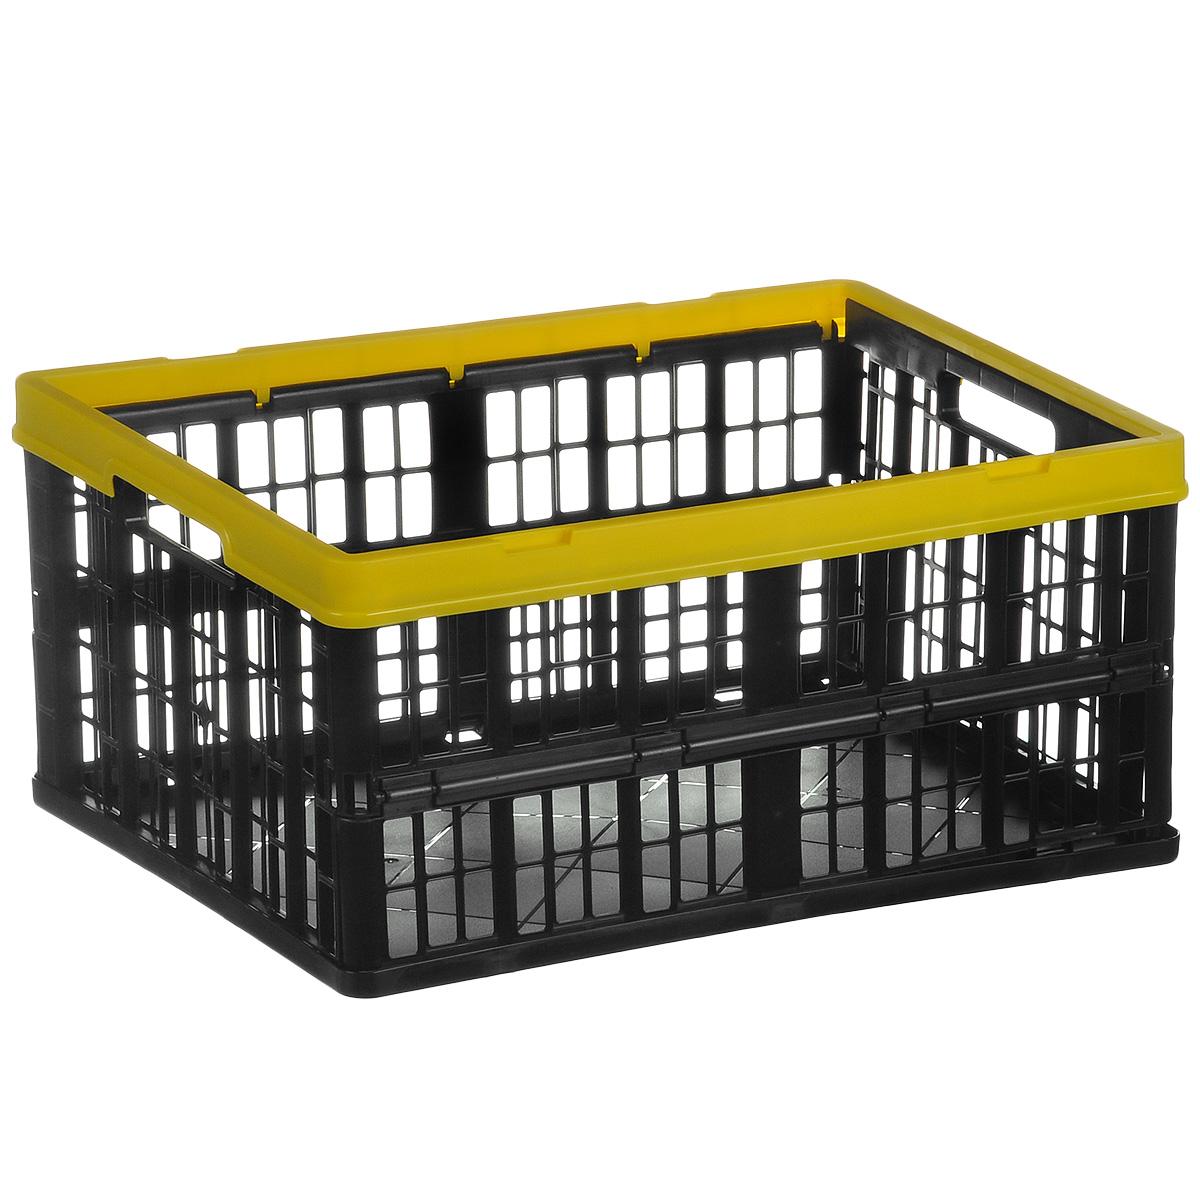 Ящик складной Бытпласт, с перфорированными стенками, 48 см х 35 см х 23 смС12282Складной ящик Бытпласт выполнен из пластикаи предназначен для хранения различныхпредметов. Ящик оснащен перфорированнымистенками. Он быстро складывается ираскладывается. В сложенном виде занимаетминимум места. Очень удобный и вместительный, такой ящикбудет очень полезен для хранения вещей илипродуктов.Размер в сложенном виде: 48см x 35 см x 5,5 см;Размер в разложенномвиде: 48 см х 35 см х 23 см.